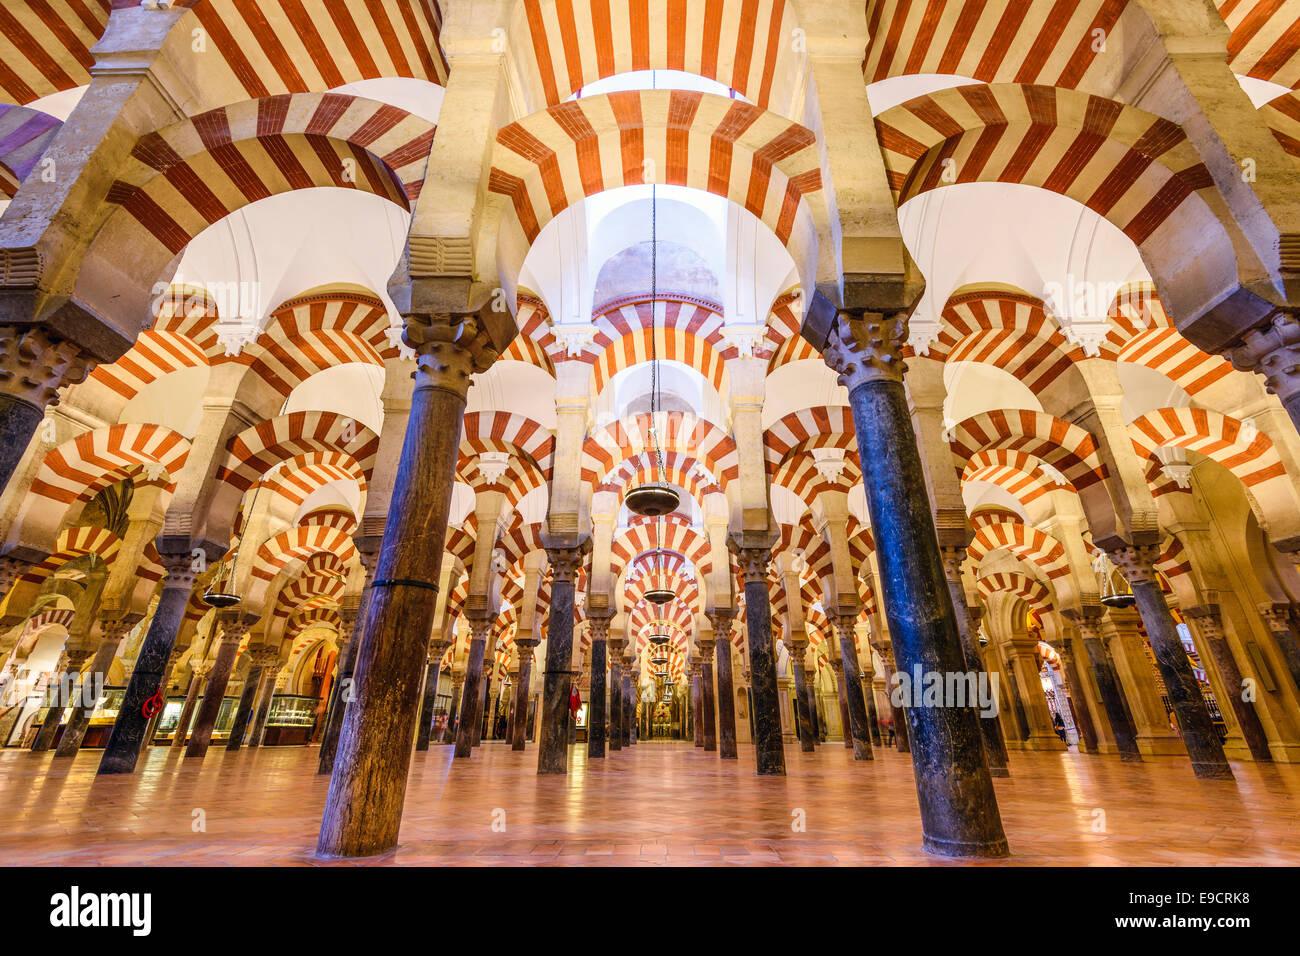 Cordoue, Espagne - circa 2014: Mosque-Cathedral de Cordoue. Le site fait l'objet de conversion d'une Photo Stock